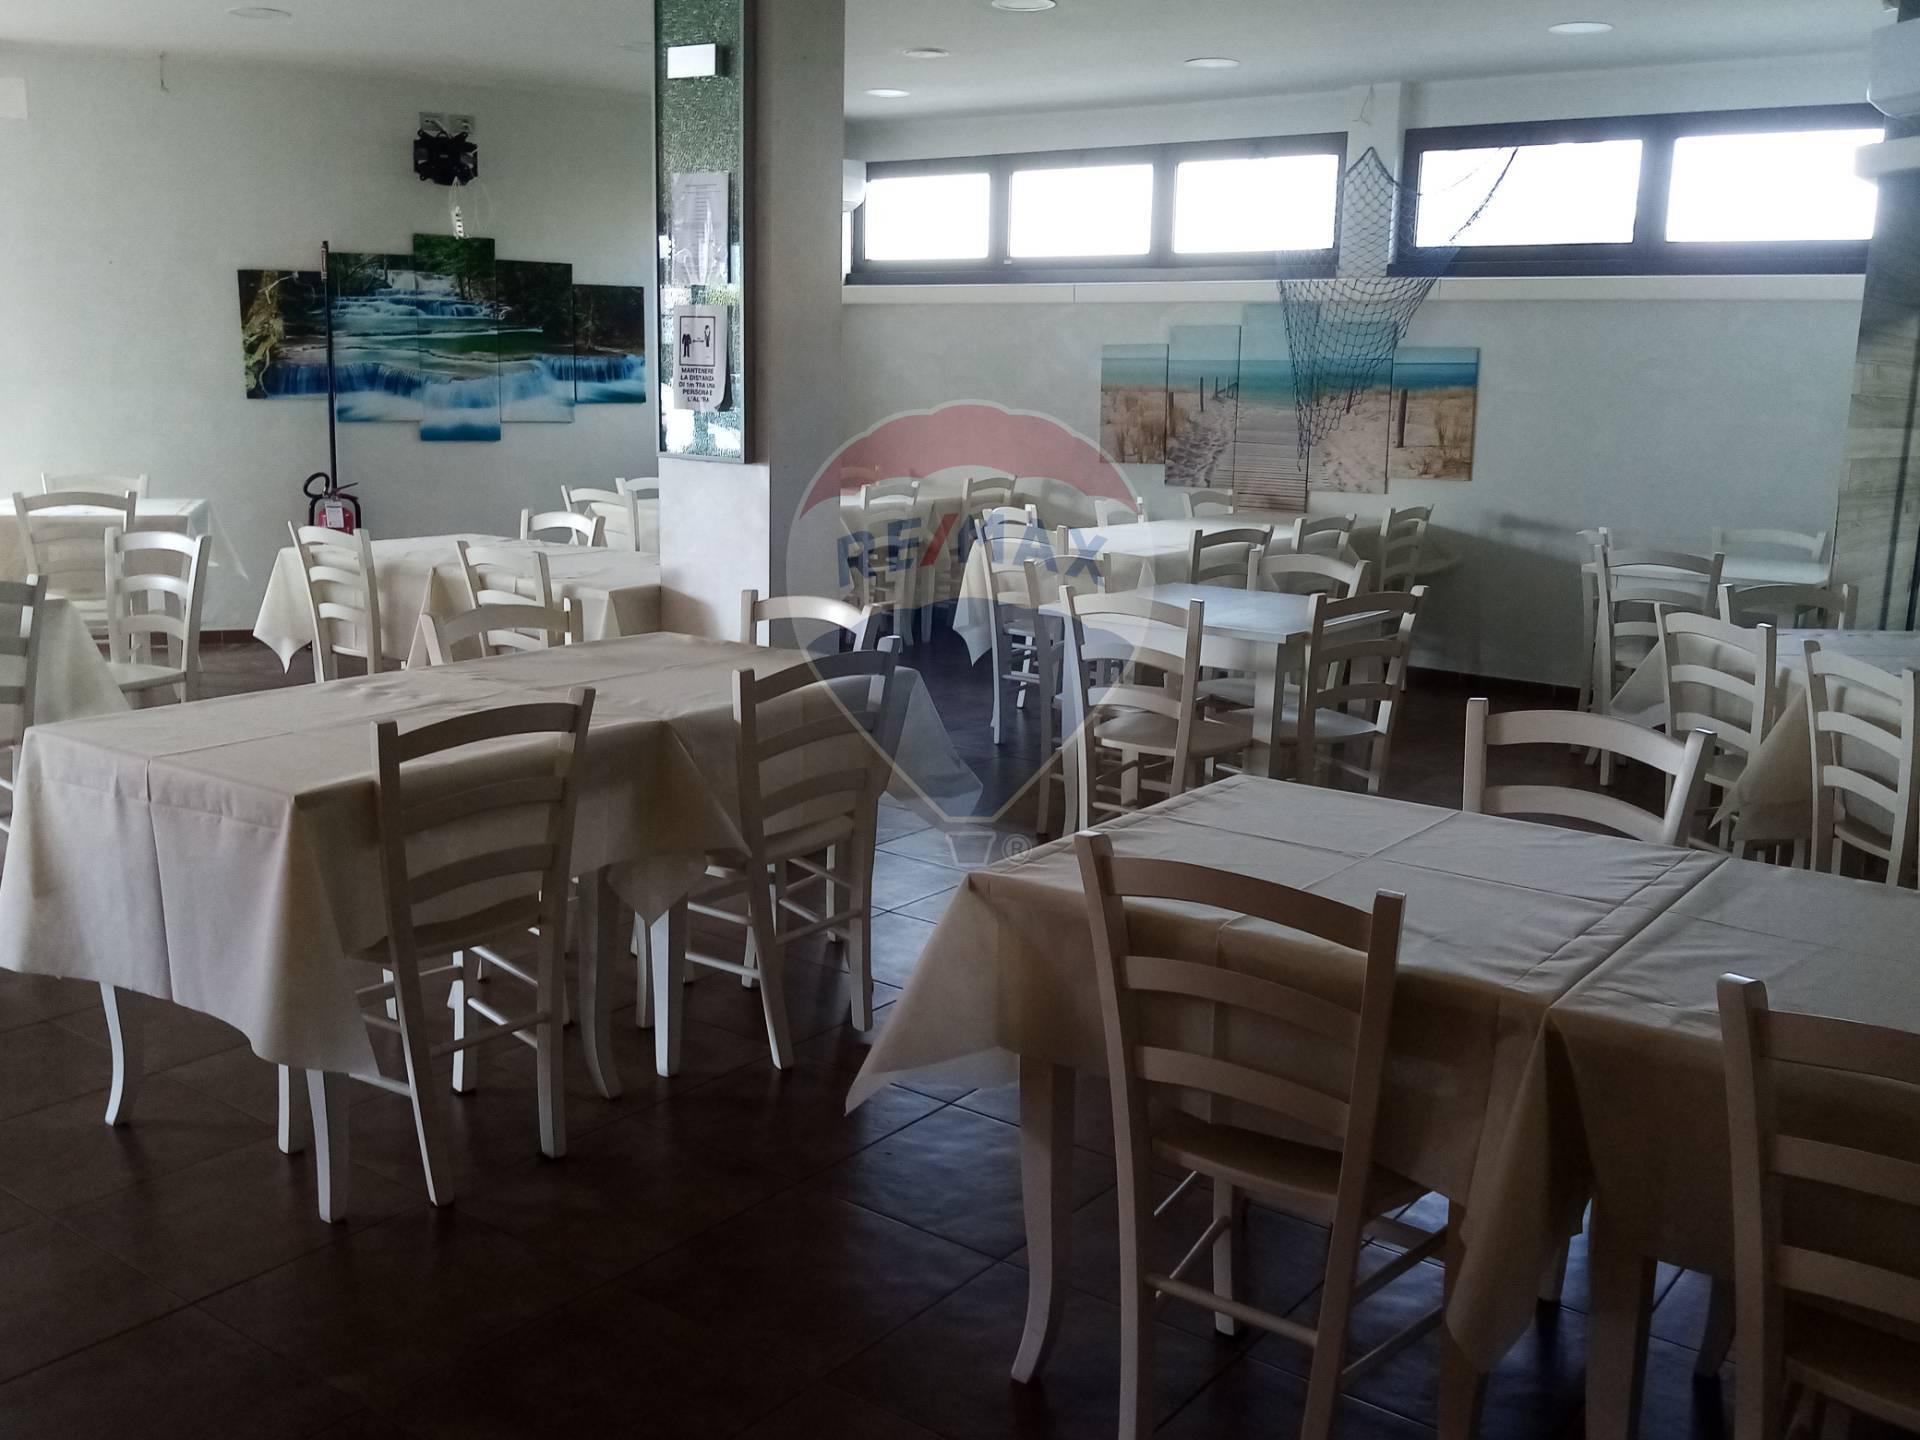 Negozio / Locale in vendita a Quarrata, 9999 locali, prezzo € 90.000 | CambioCasa.it